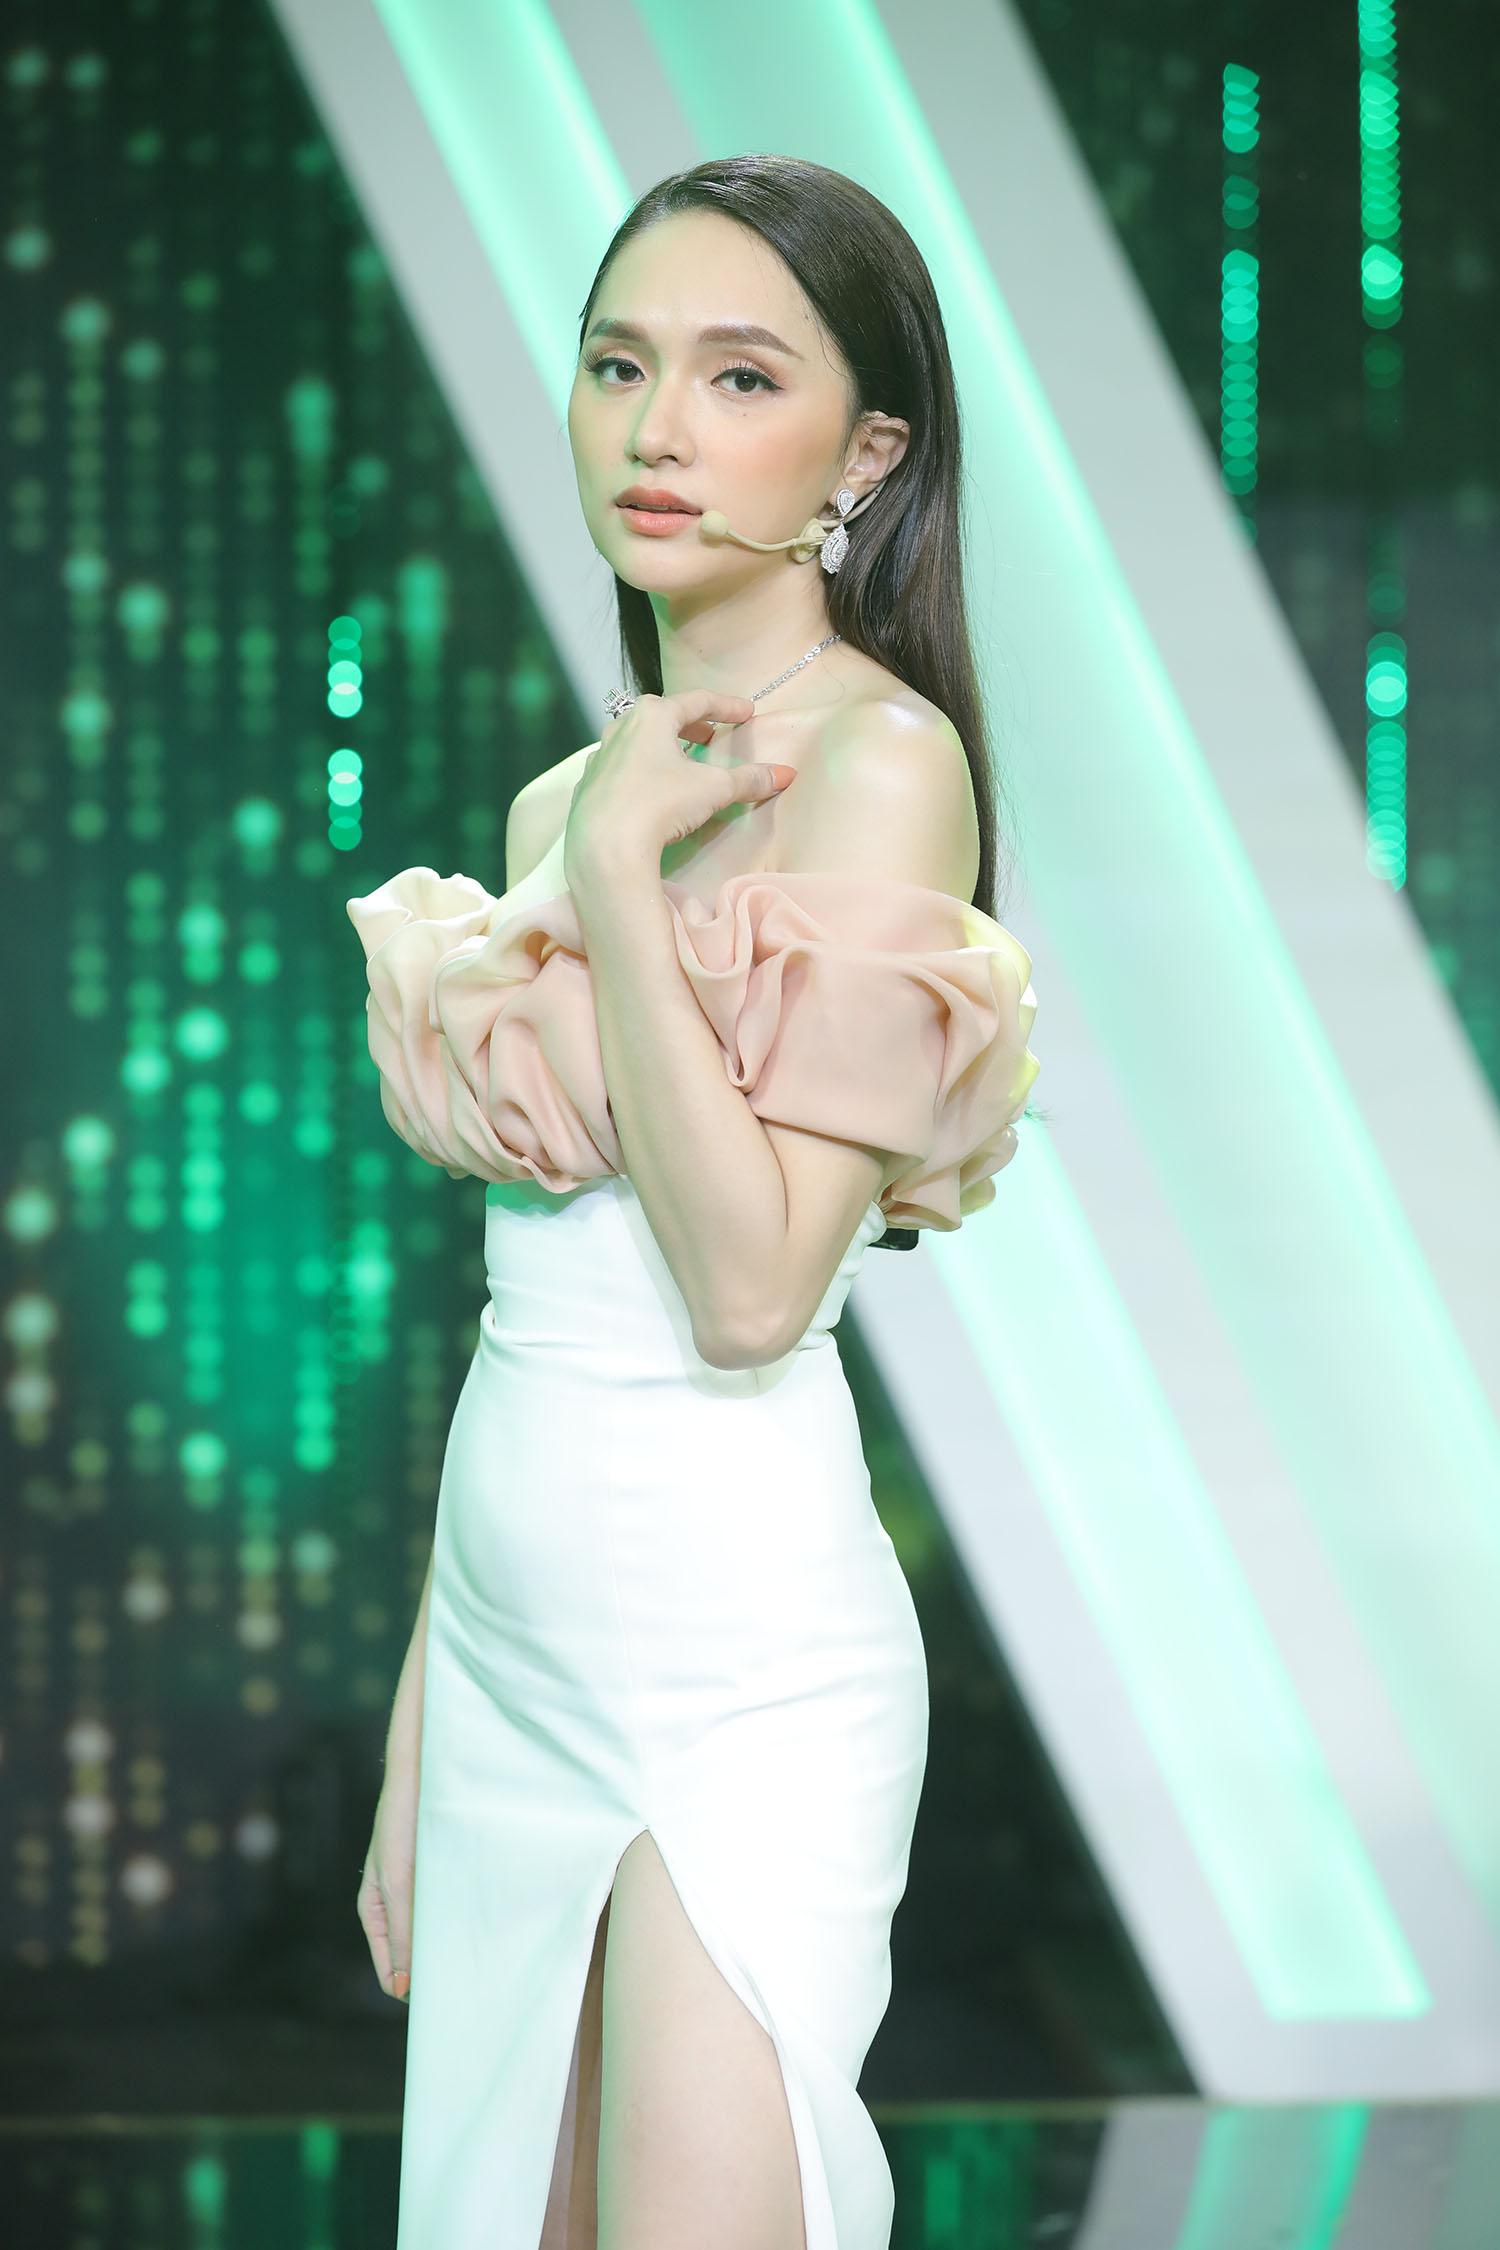 """Trấn Thành bật khóc khi Hương Giang lần thứ 2 ngồi ghế nữ chính """"Người ấy là ai"""" - Ảnh 1"""